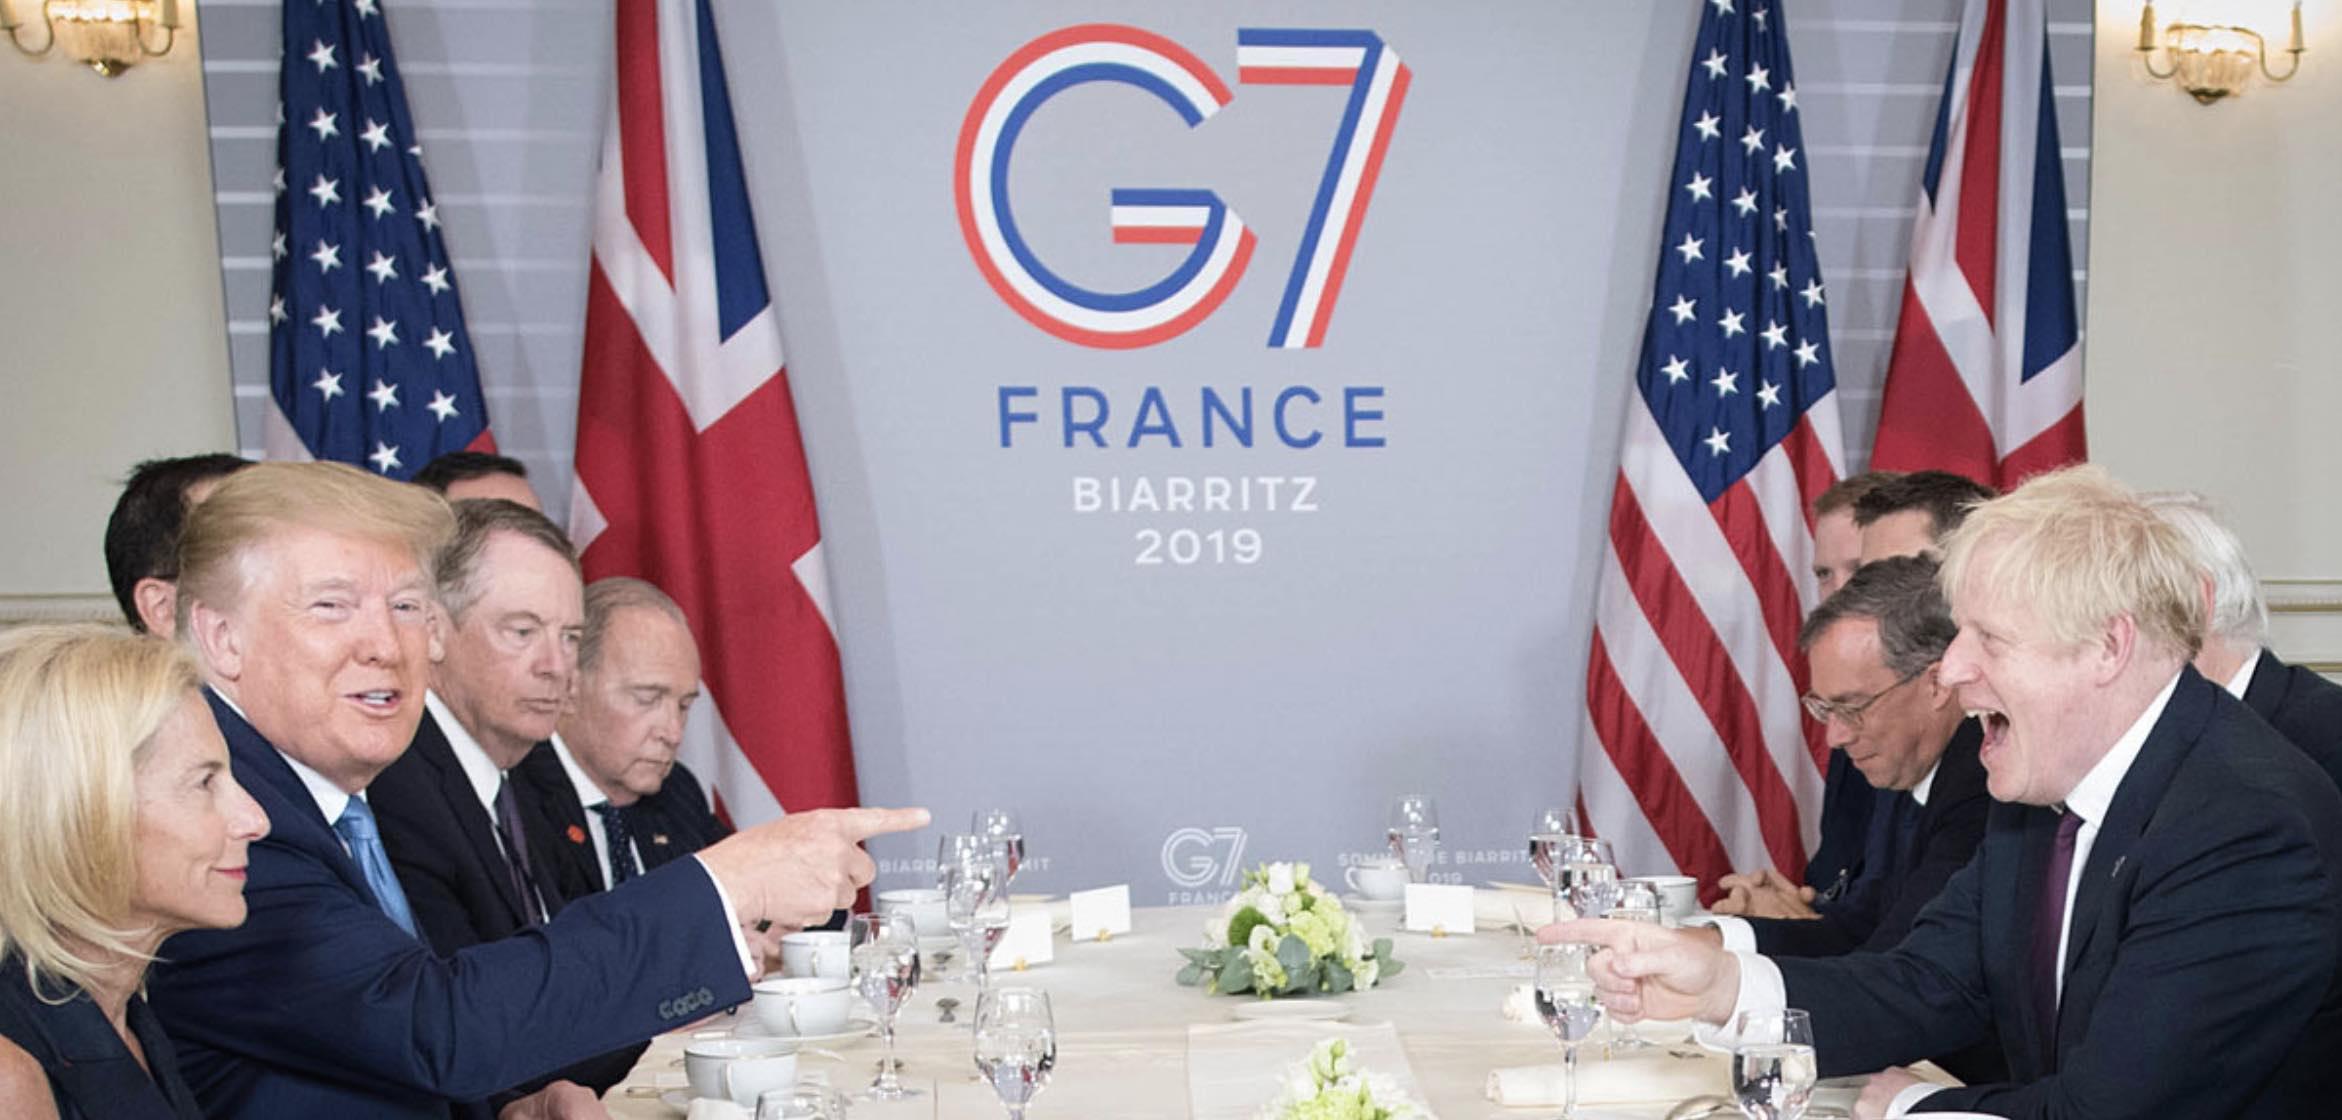 Grupo de los Siete, Reino Unido, Estados Unidos